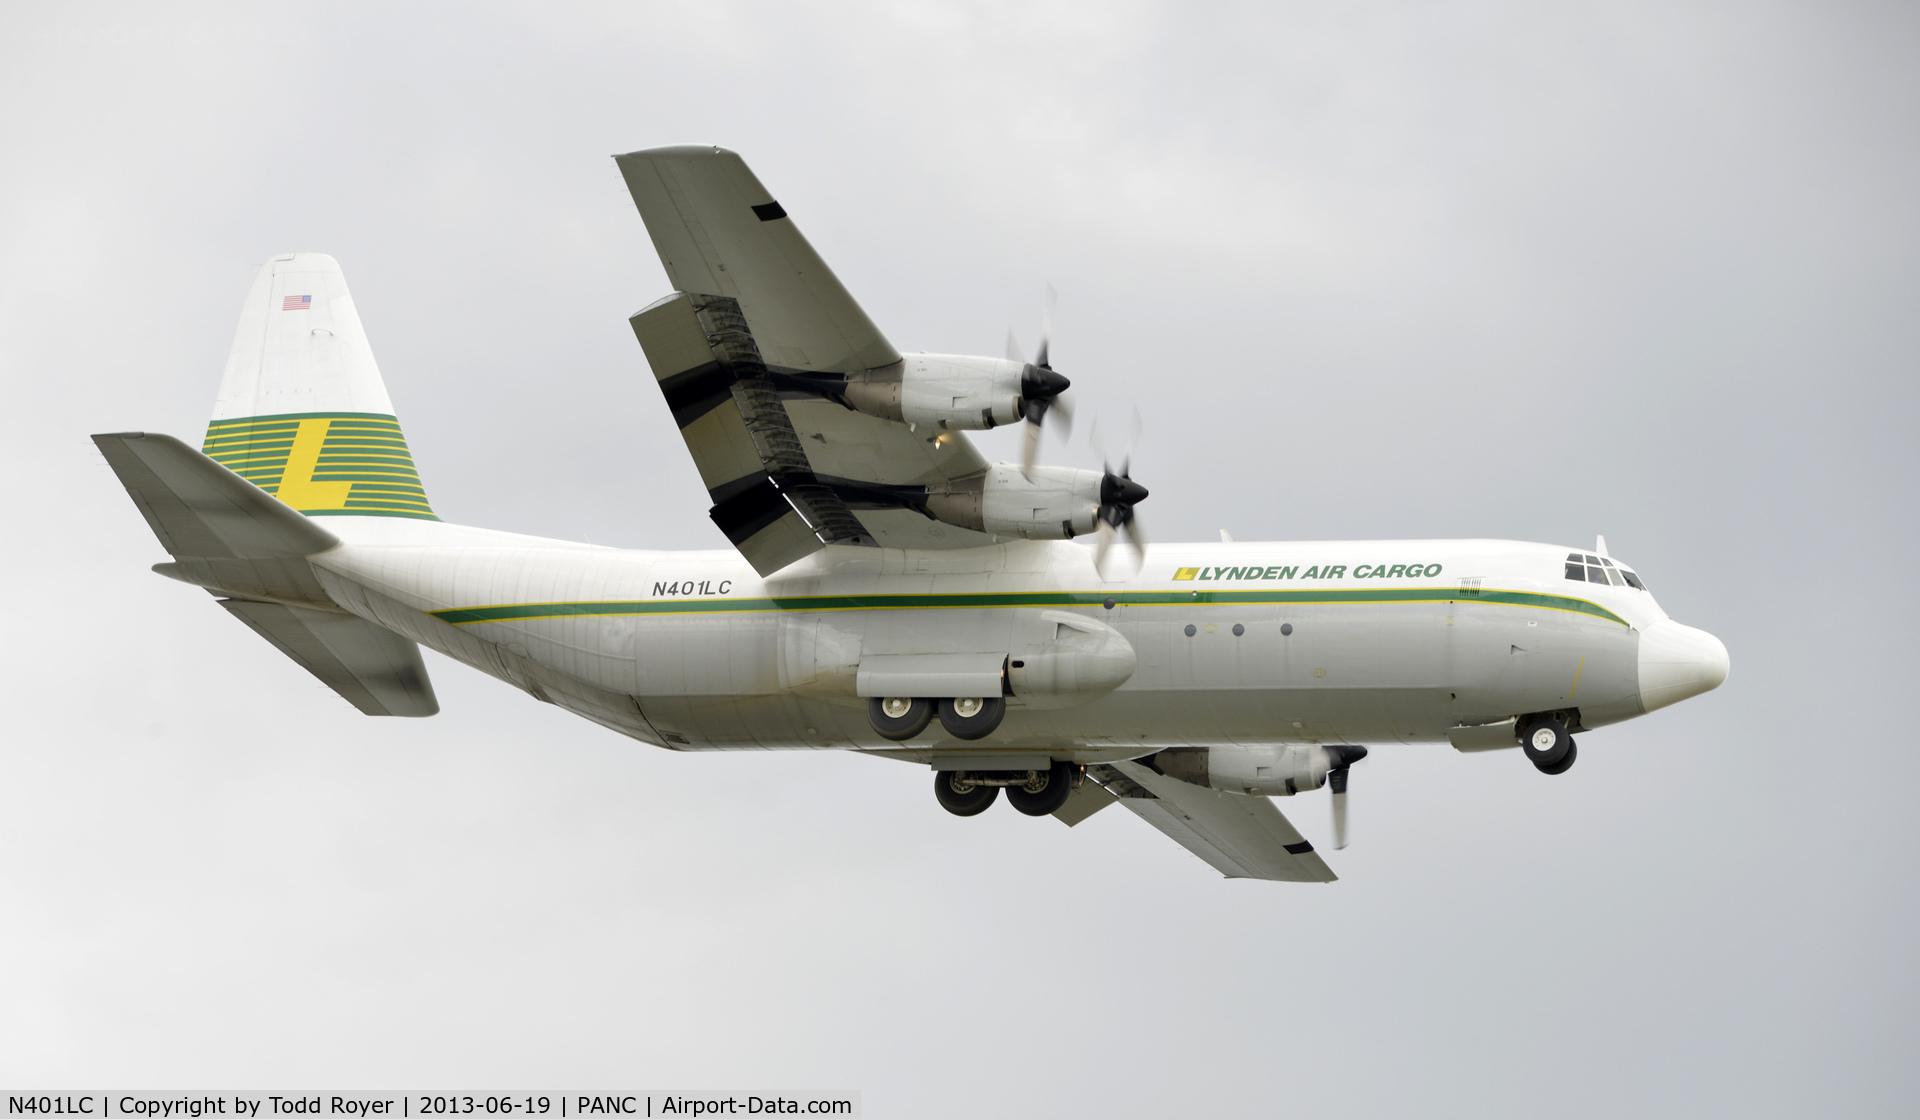 N401LC, 1975 Lockheed L-100-30 Hercules (L-382G) C/N 382-4606, Arriving at Anchorage